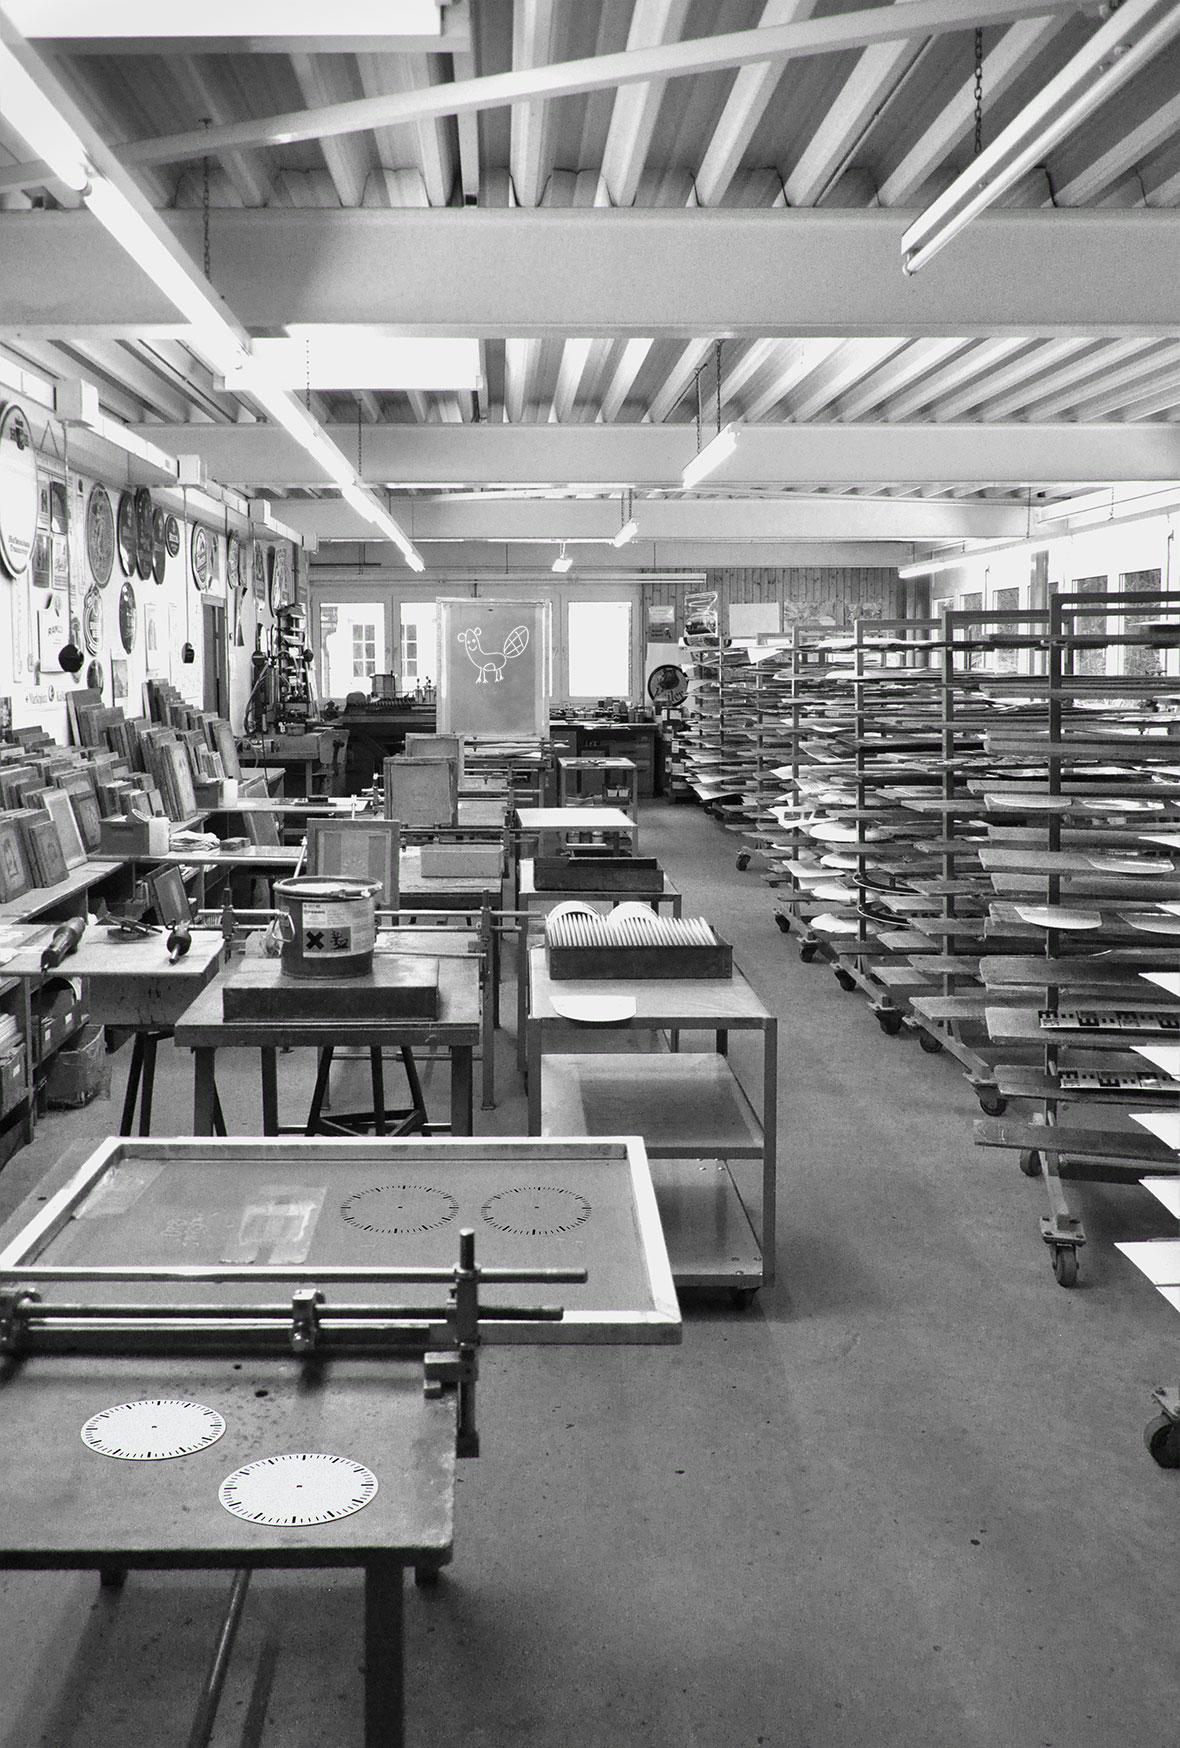 Nw1 / Neue Werkstatt